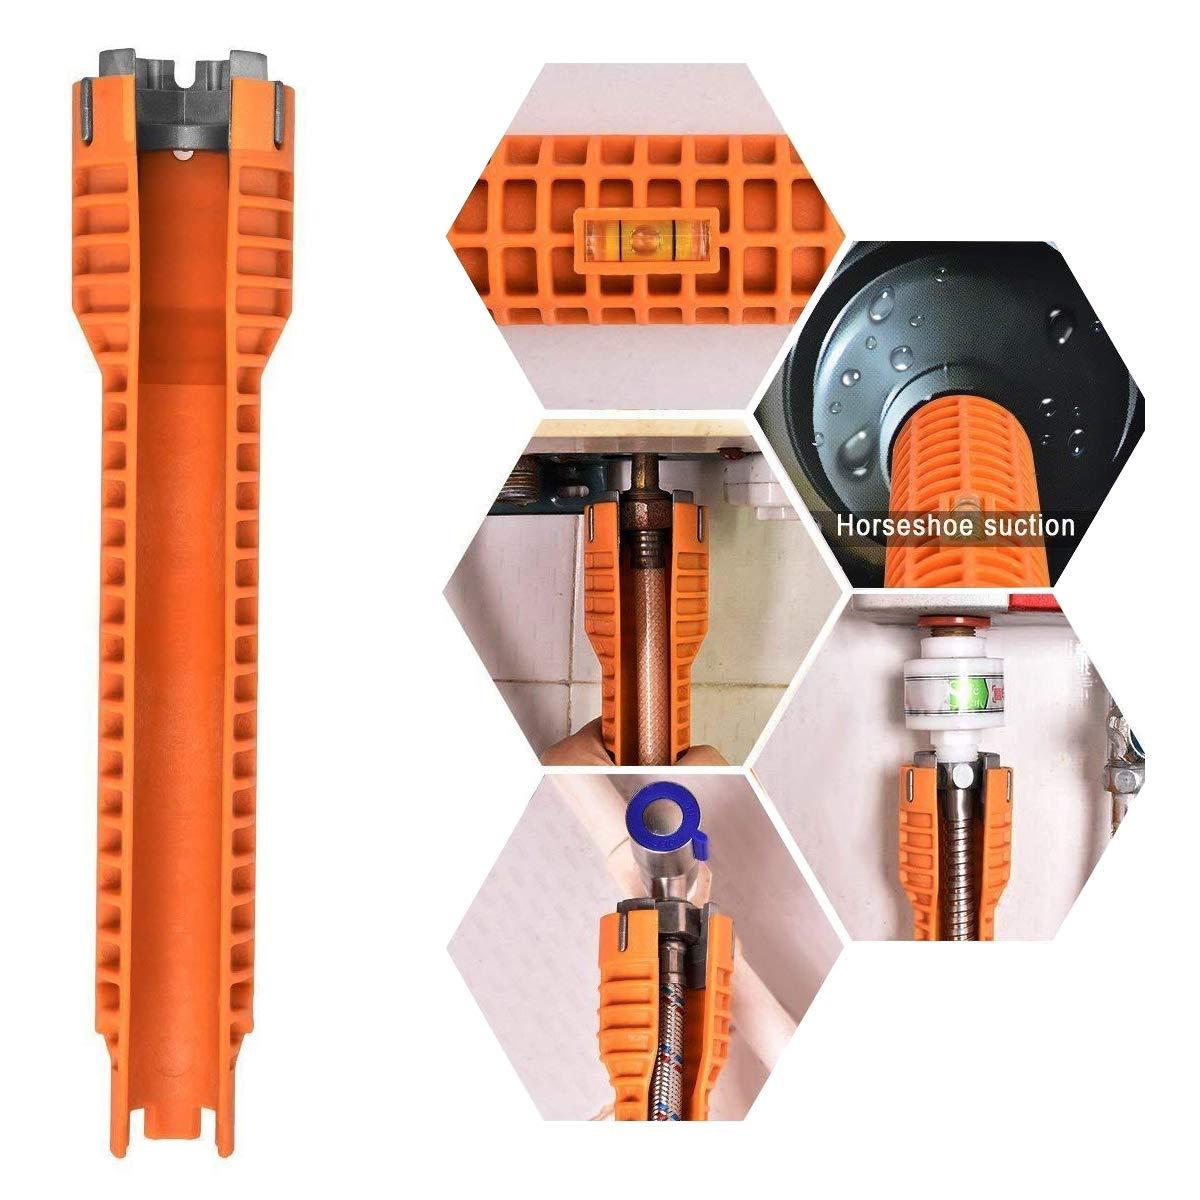 Cheap Faucet Tools Find Faucet Tools Deals On Line At Alibaba Com